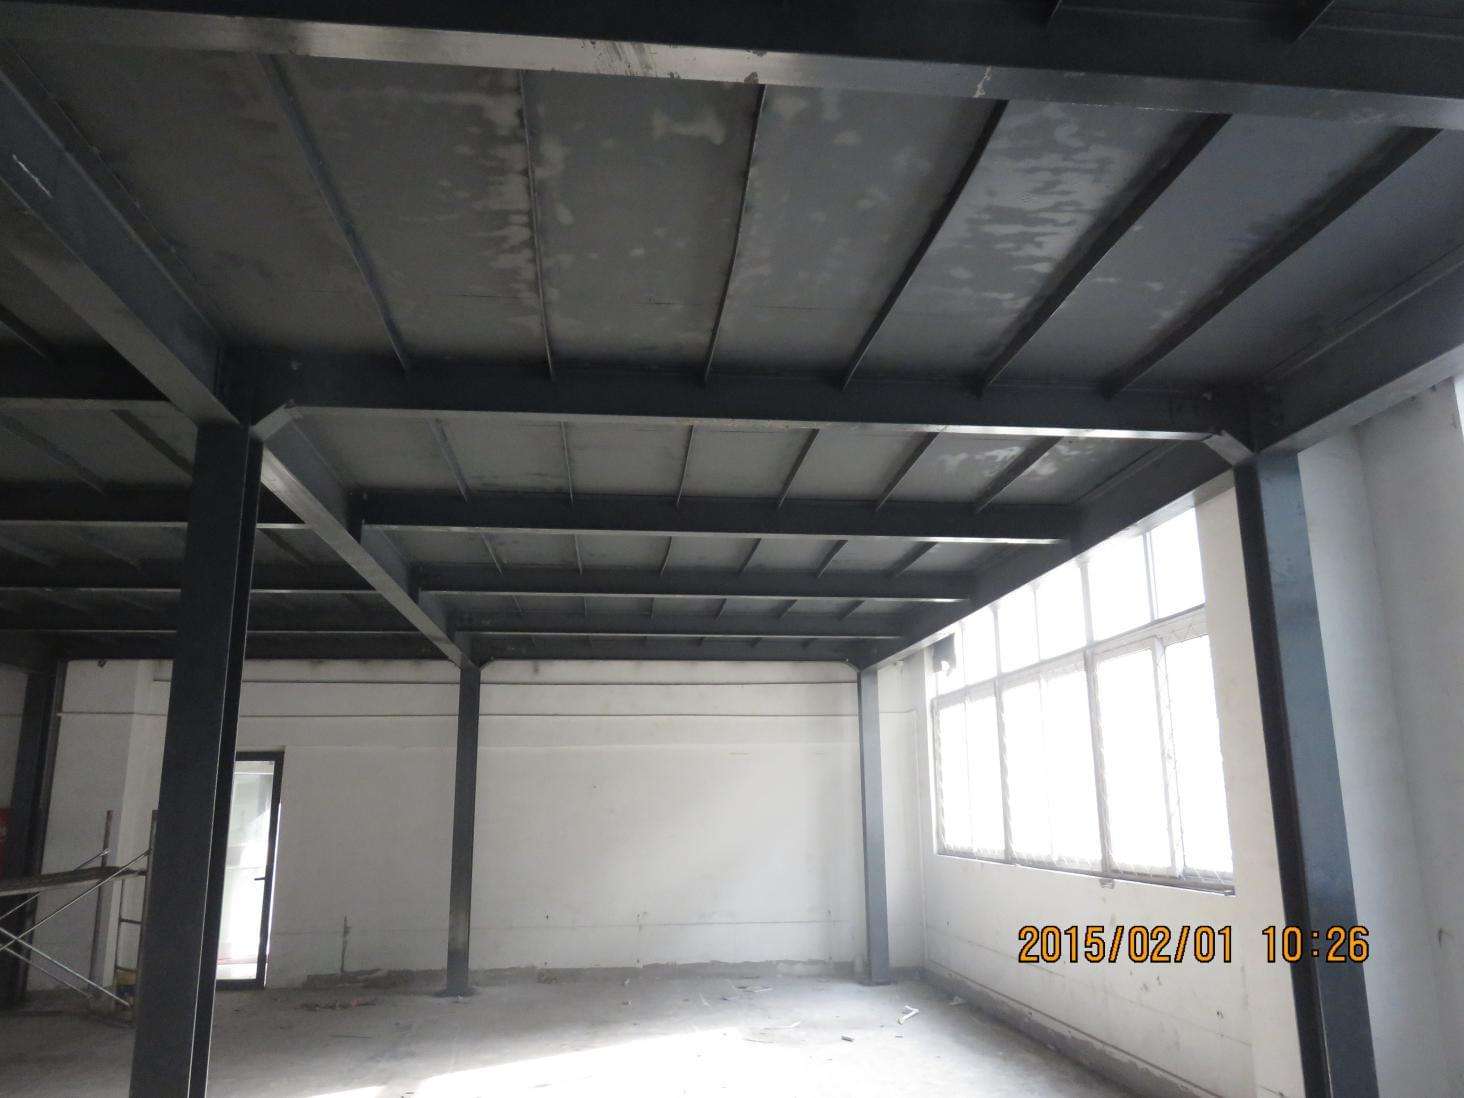 钢结构平台结构的支撑布置及结构防护措施